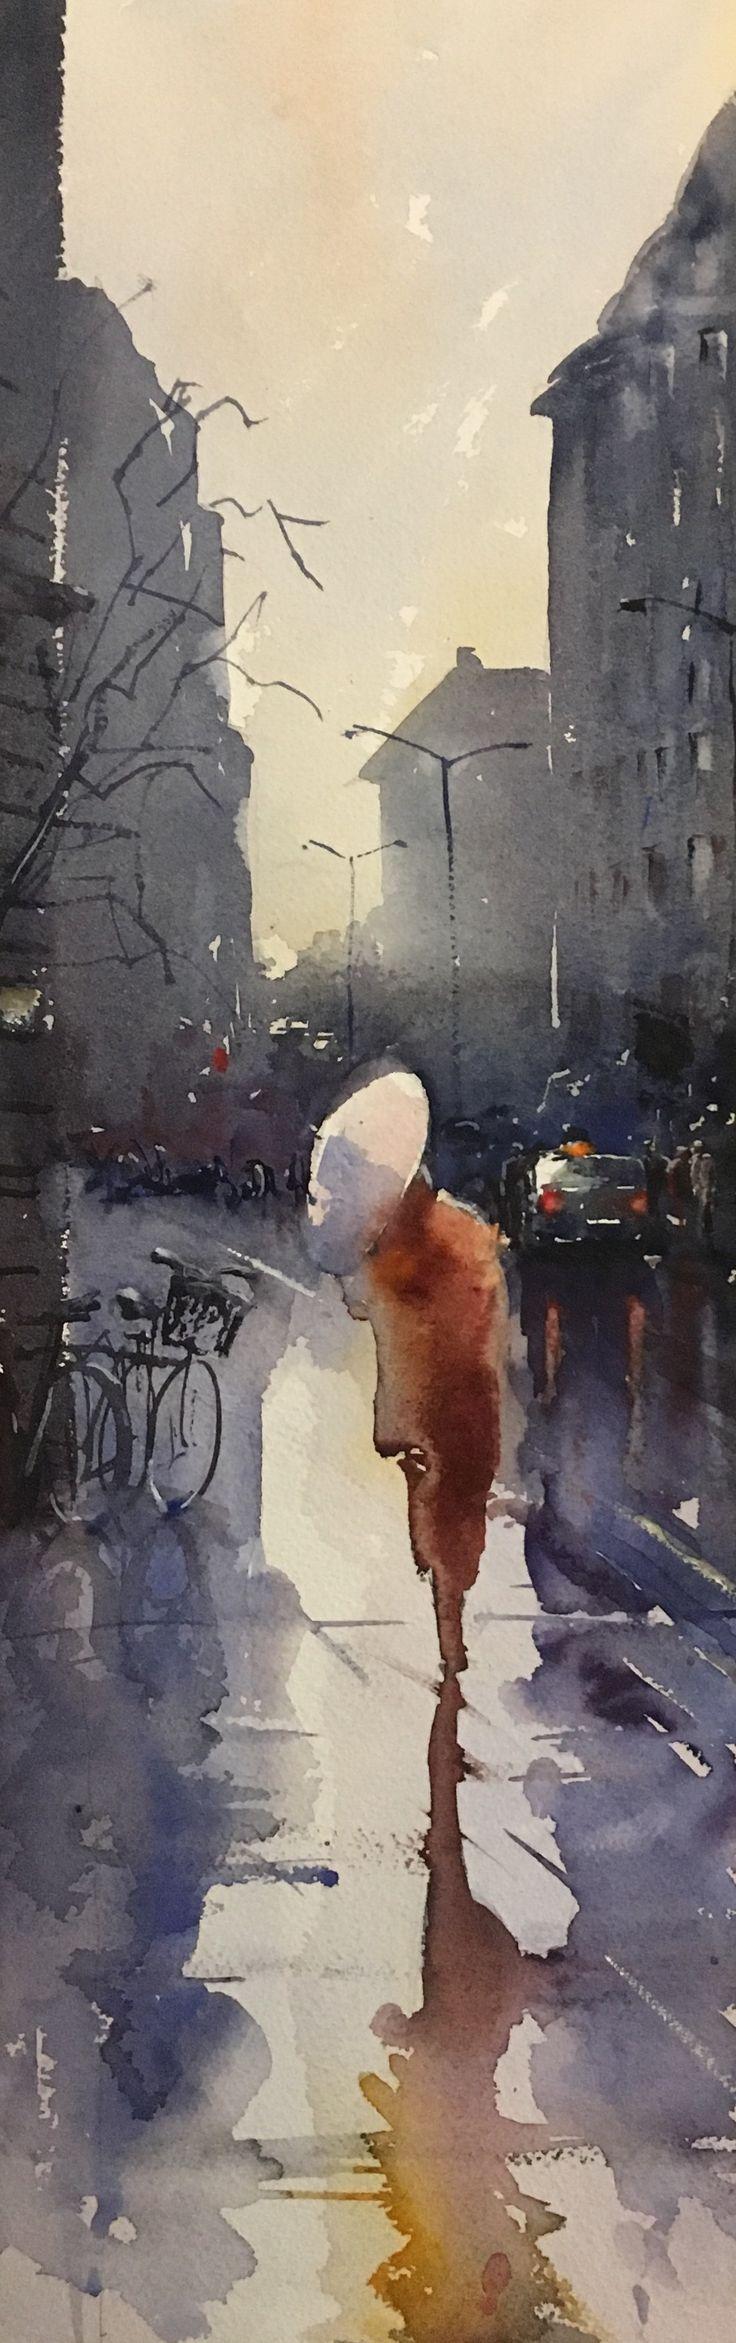 watercolour, Stefan Gadnell, SOLD